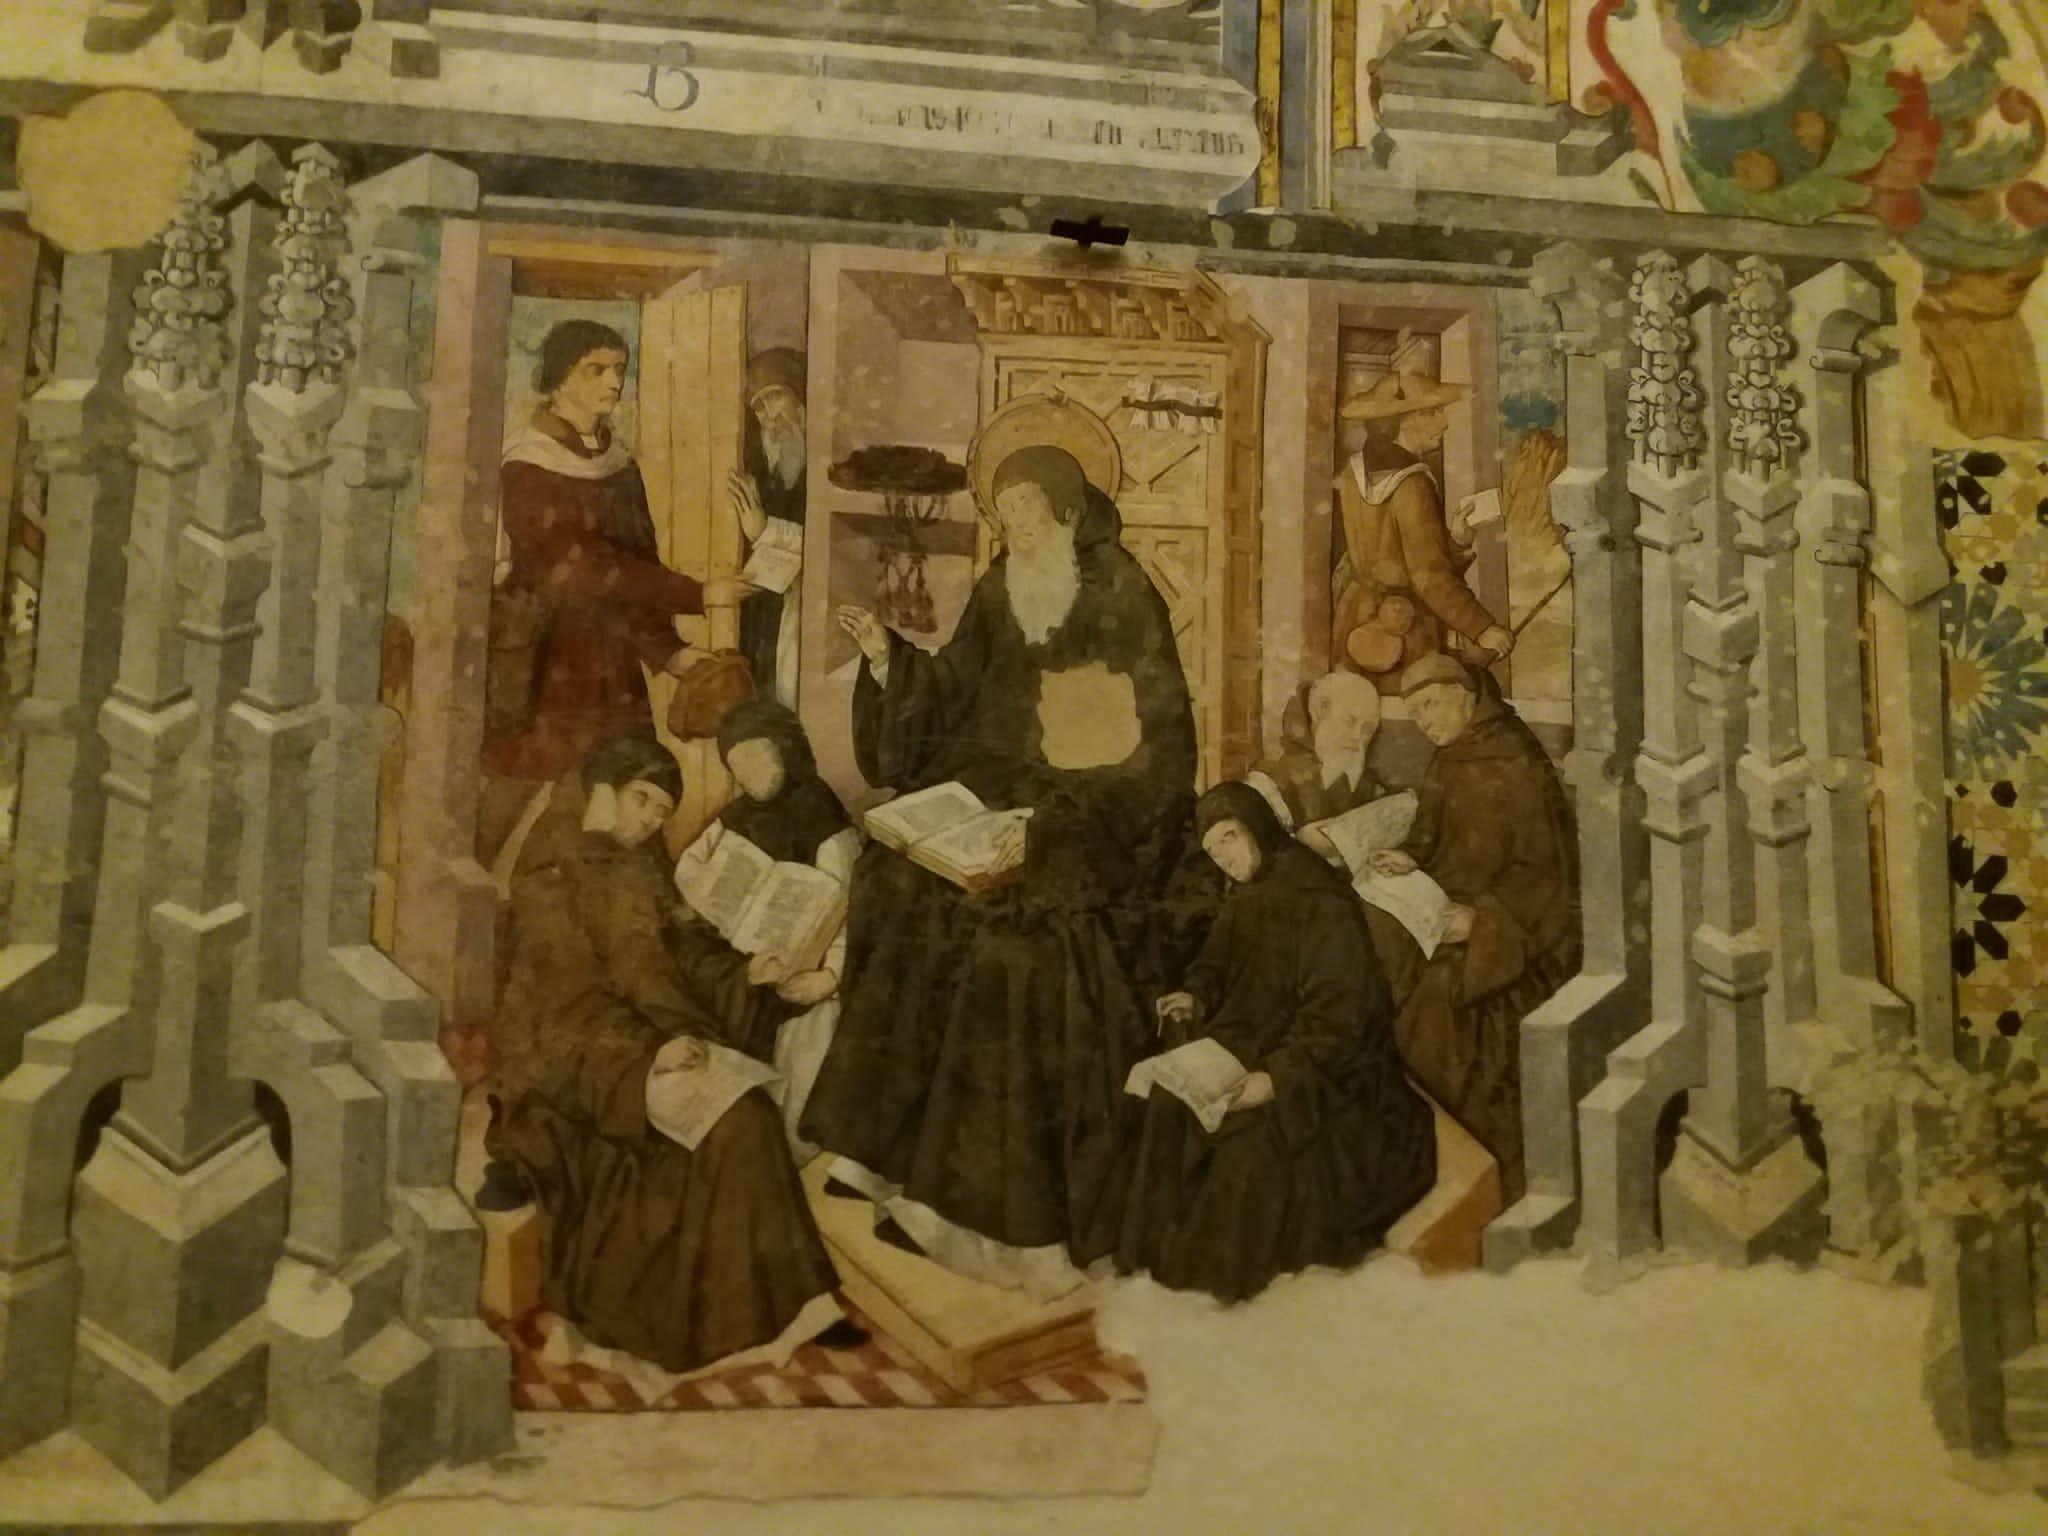 Documento del mes de diciembre: ¡Herejes en el monasterio!. Los monjes protestantes de San Isidoro del Campo